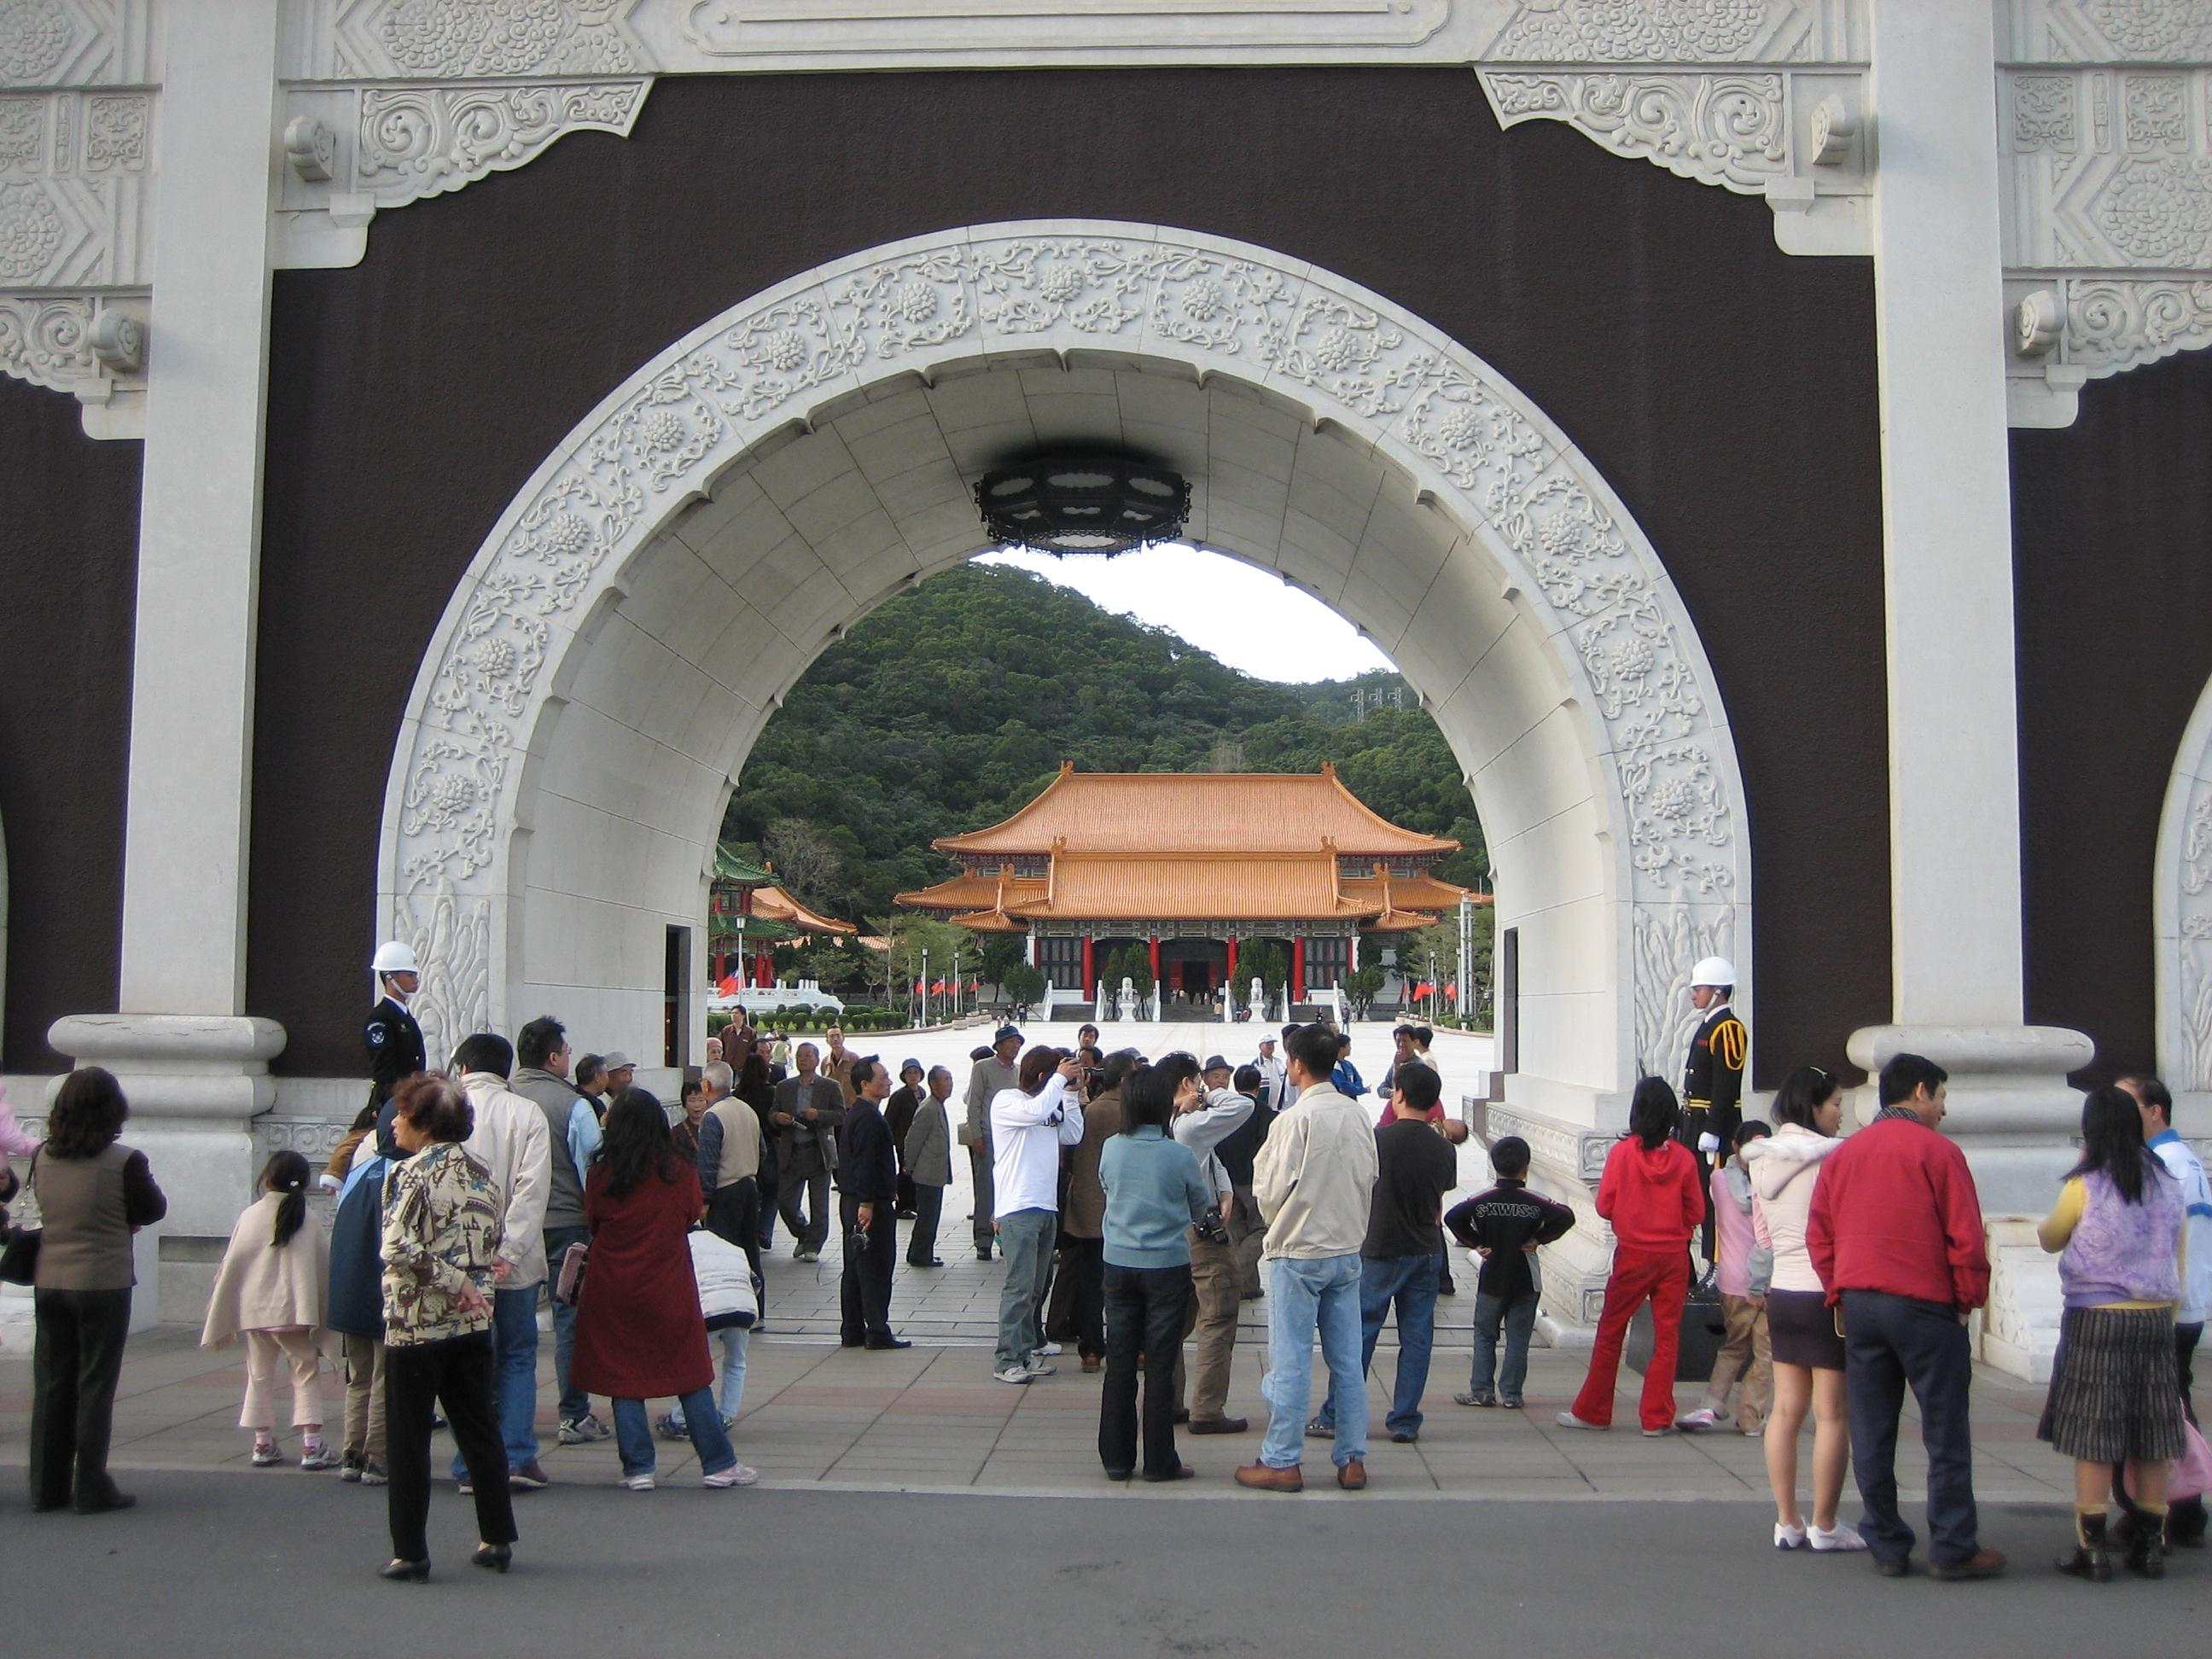 Martyr's shrine entrance